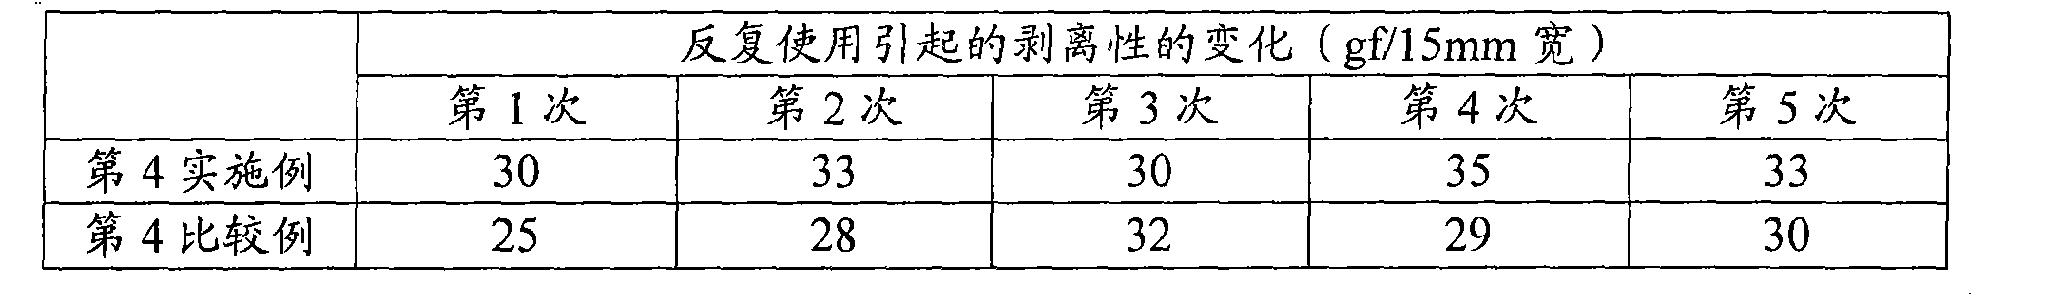 Figure CN101378900BD00271